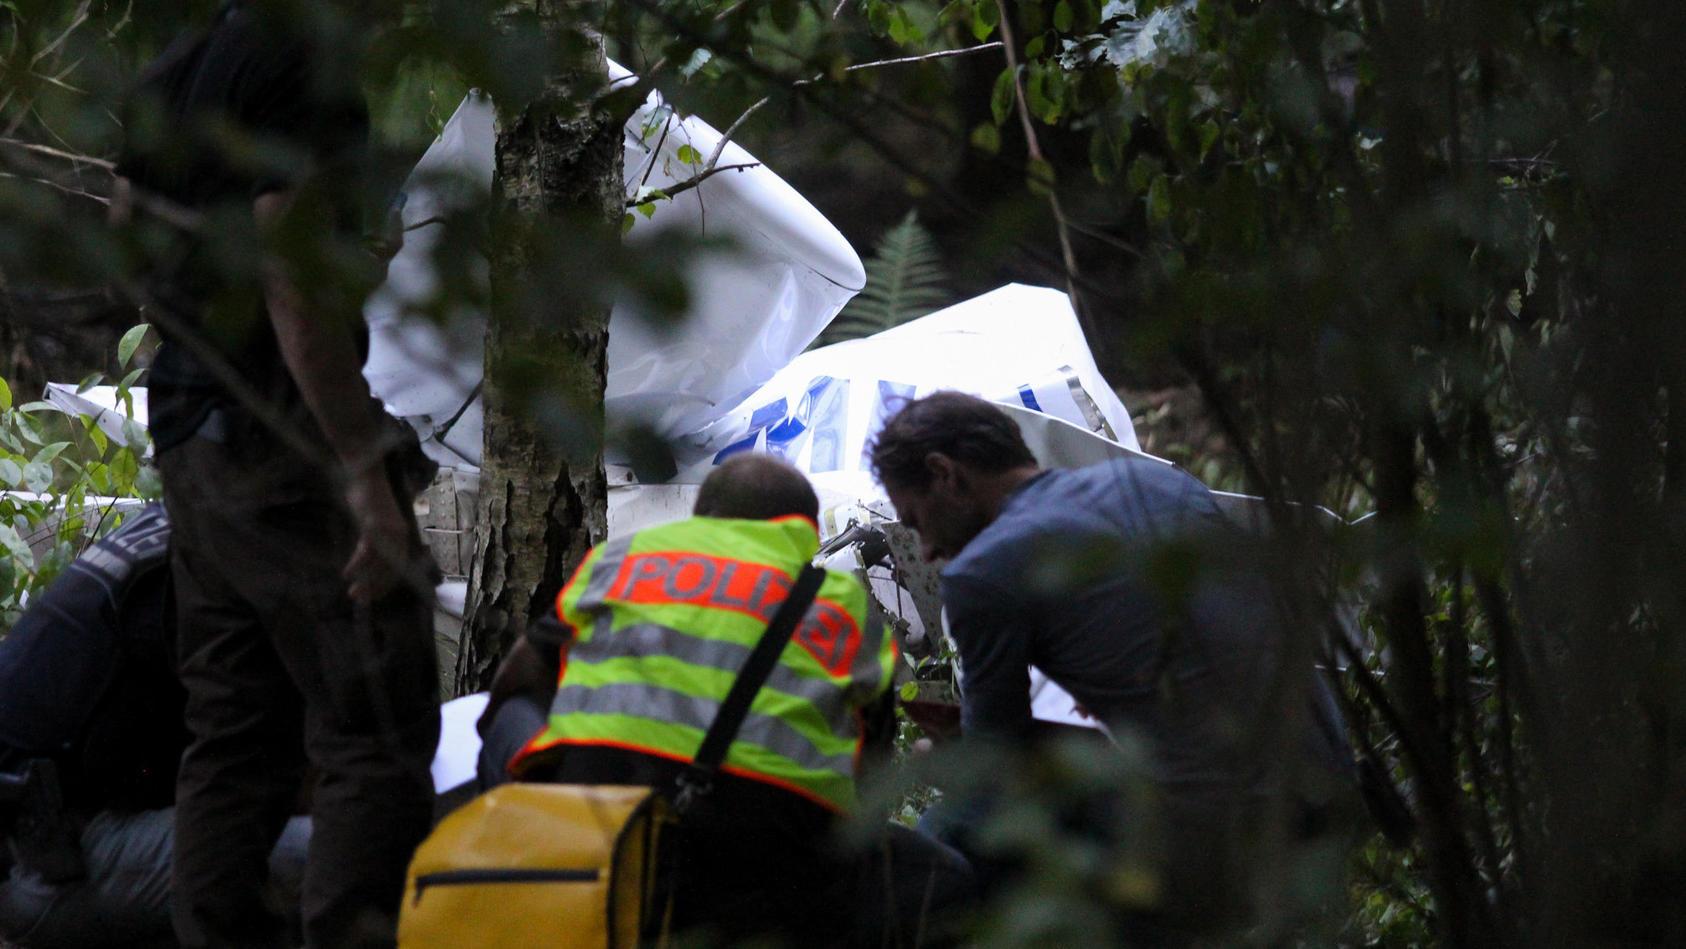 Ultraleichtflugzeug stürzt in Wald - zwei Insassen sterben.